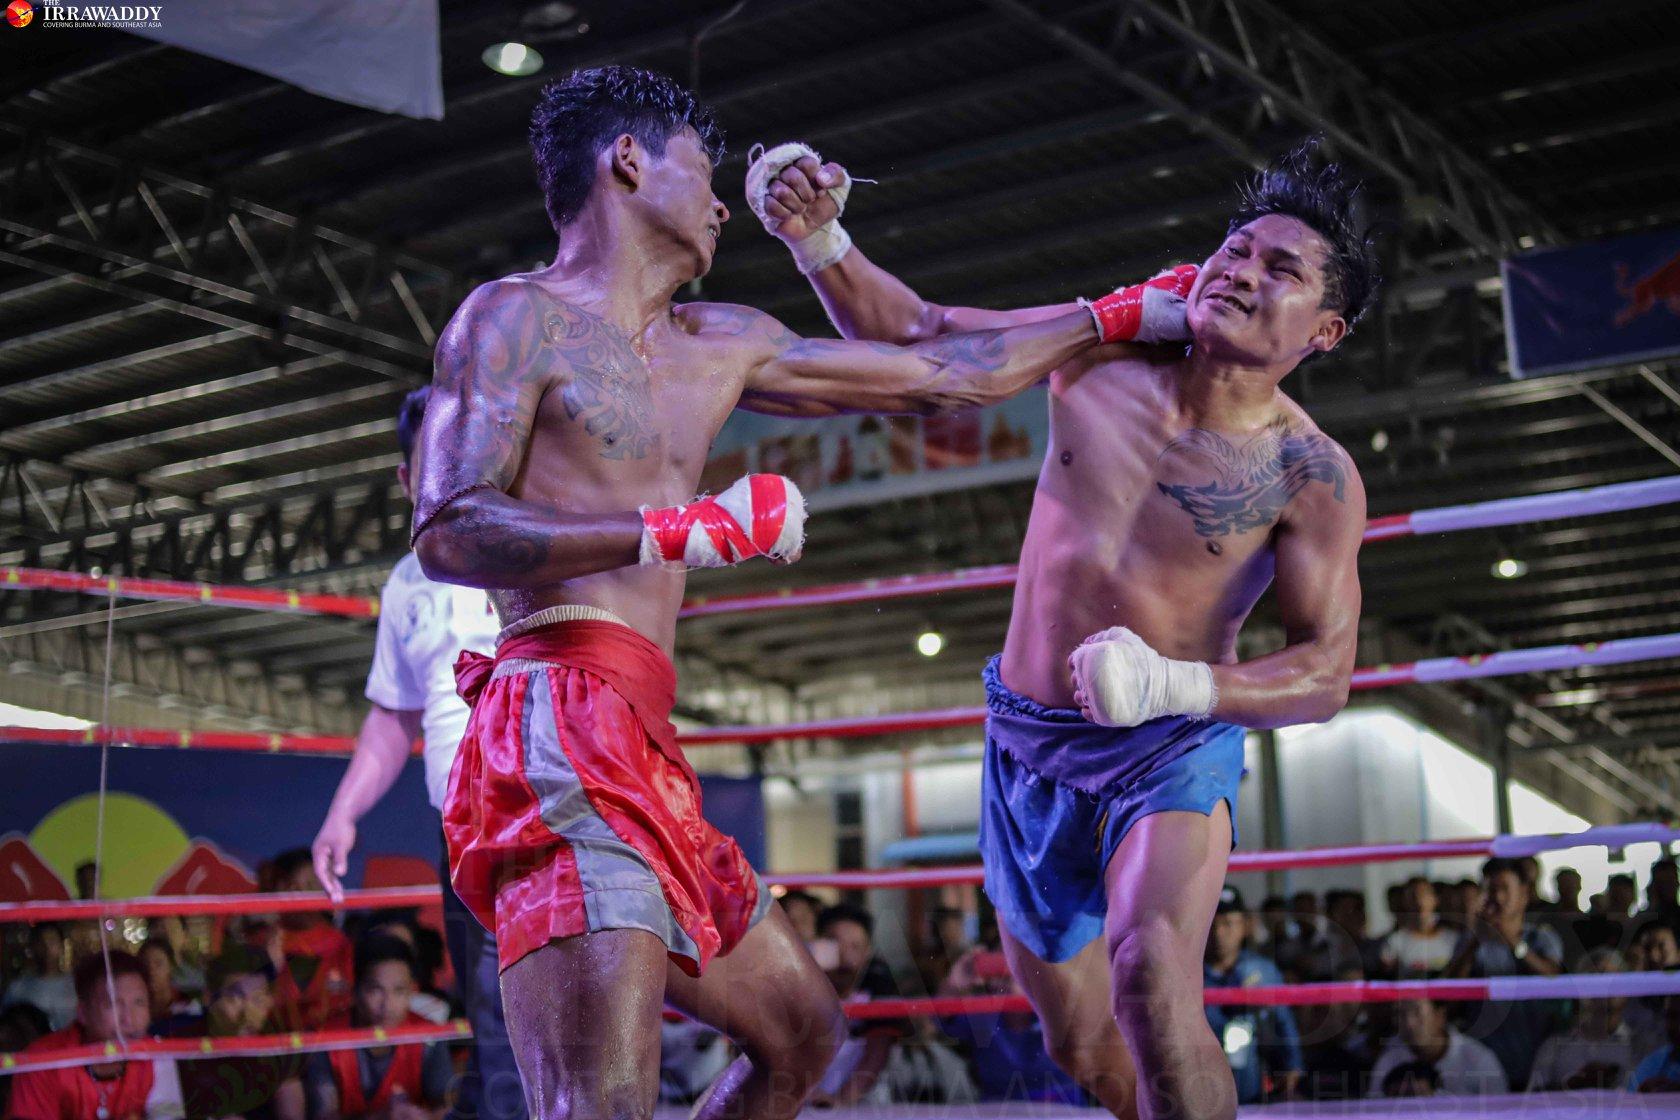 シュー・ヤー・マンがメインでKO勝ち!ゴールデンベルトトーナメント追加階級75㎏と48㎏で王者誕生!緬泰3対3対抗戦はミャンマー側の2勝1分!『LETHWEI NATION CHAMPIONSHIP』